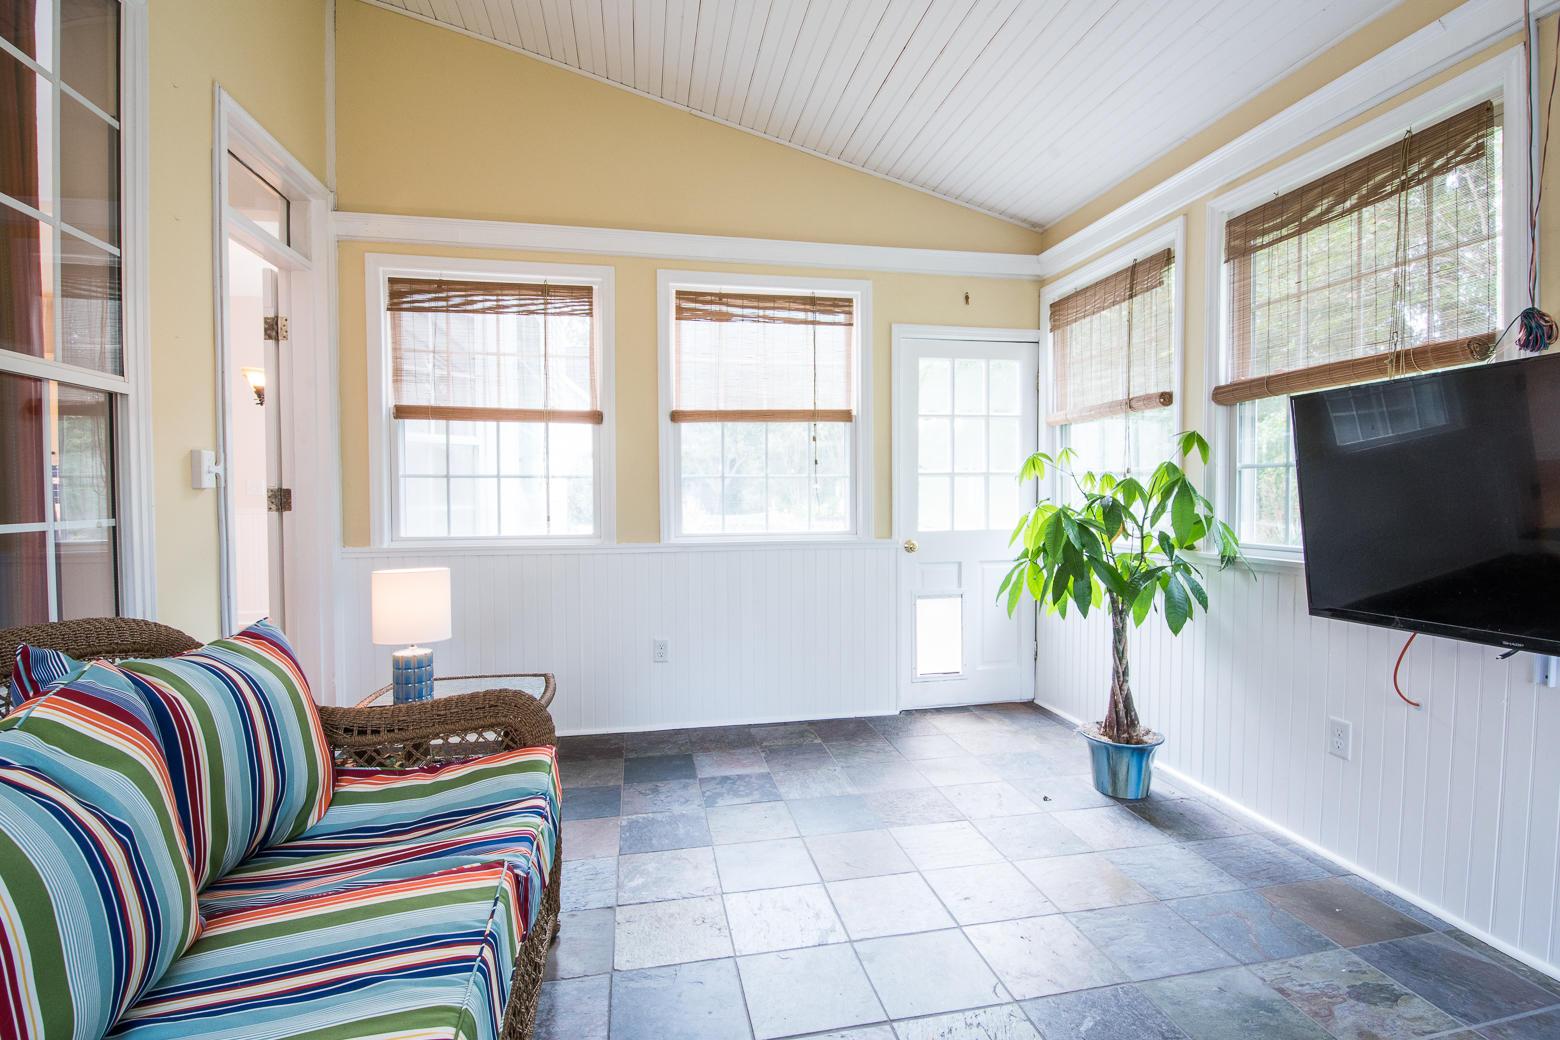 Dunes West Homes For Sale - 1111 Black Rush, Mount Pleasant, SC - 5